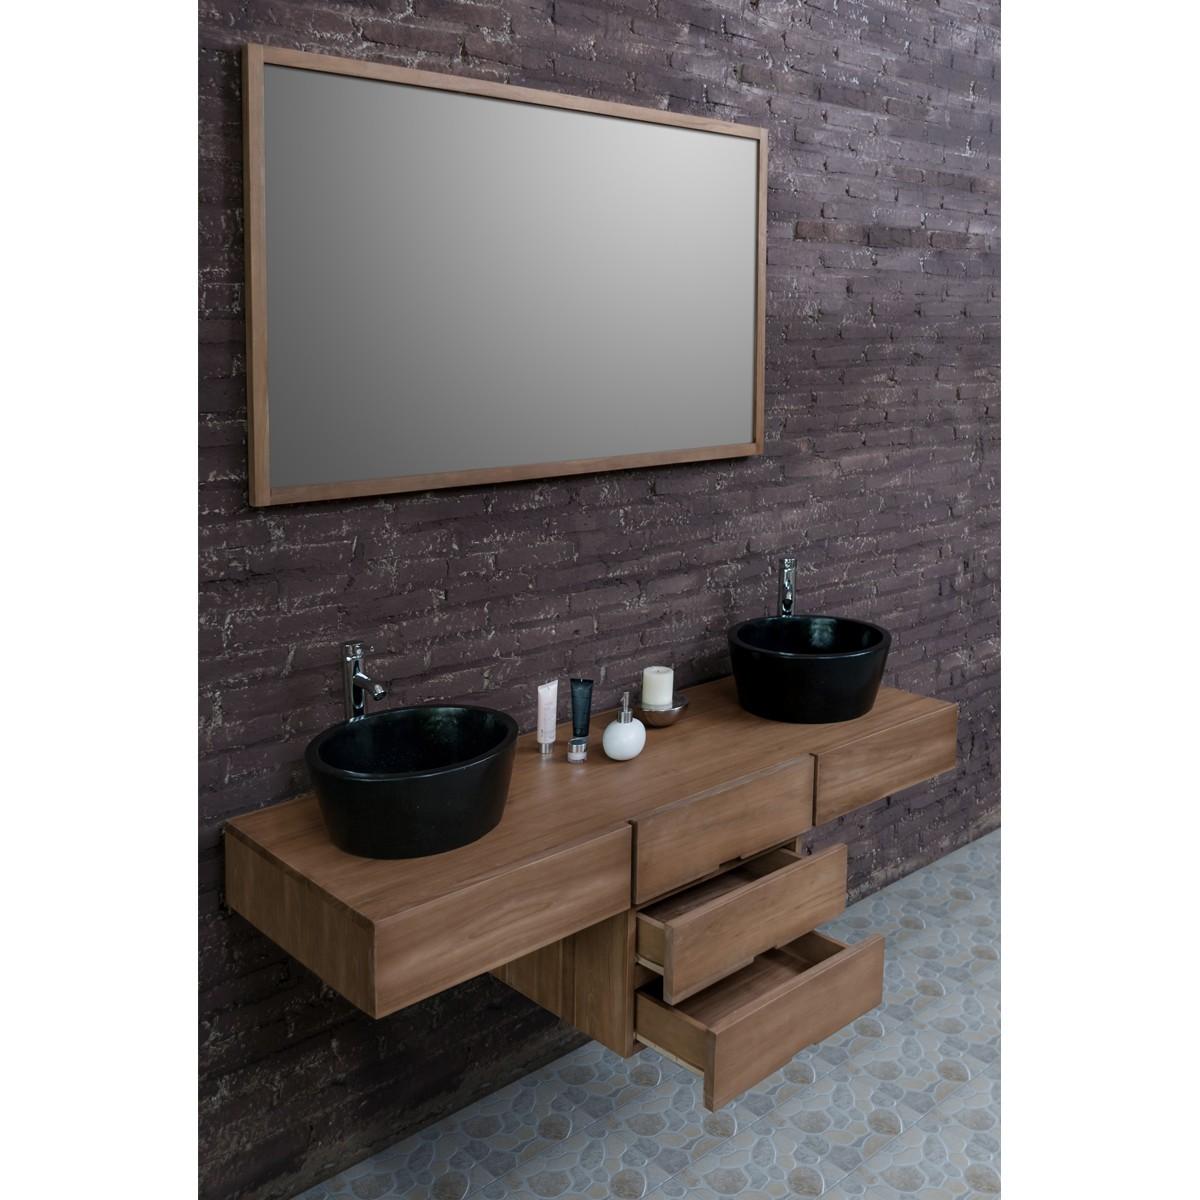 Ensemble de salle de bain en bois de teck 160 2 vasques for Meuble salle de bain 160 cm